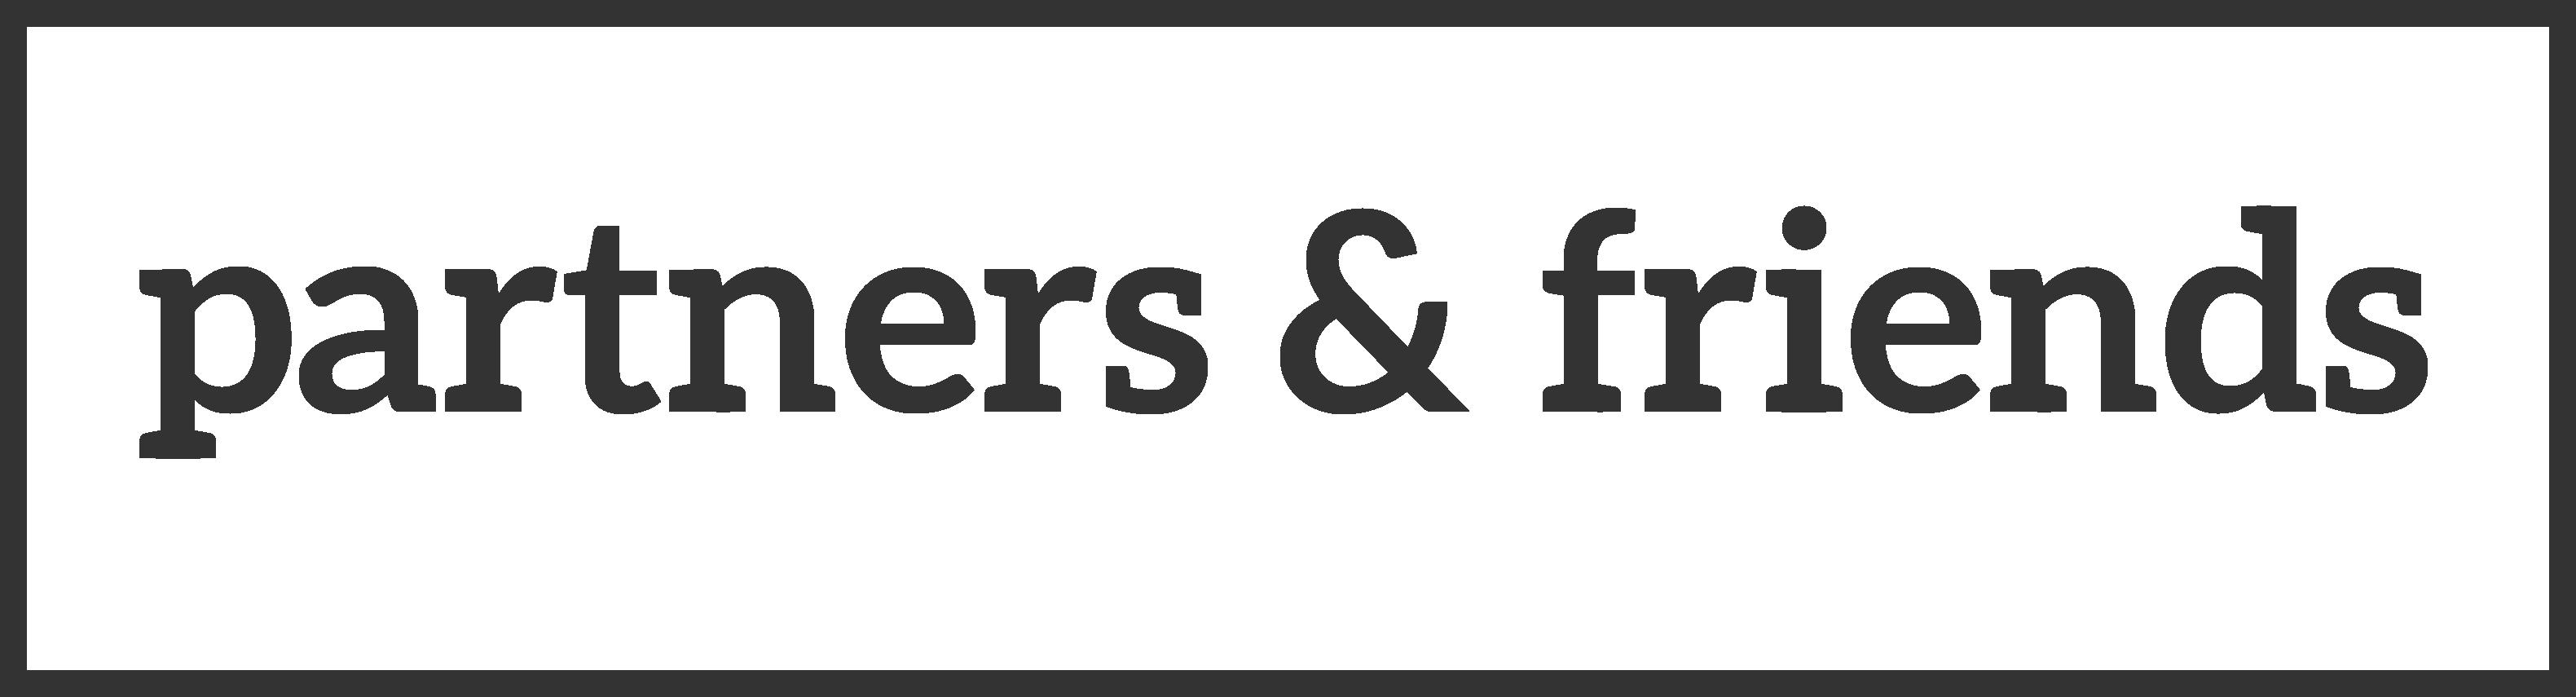 partners-friends-header